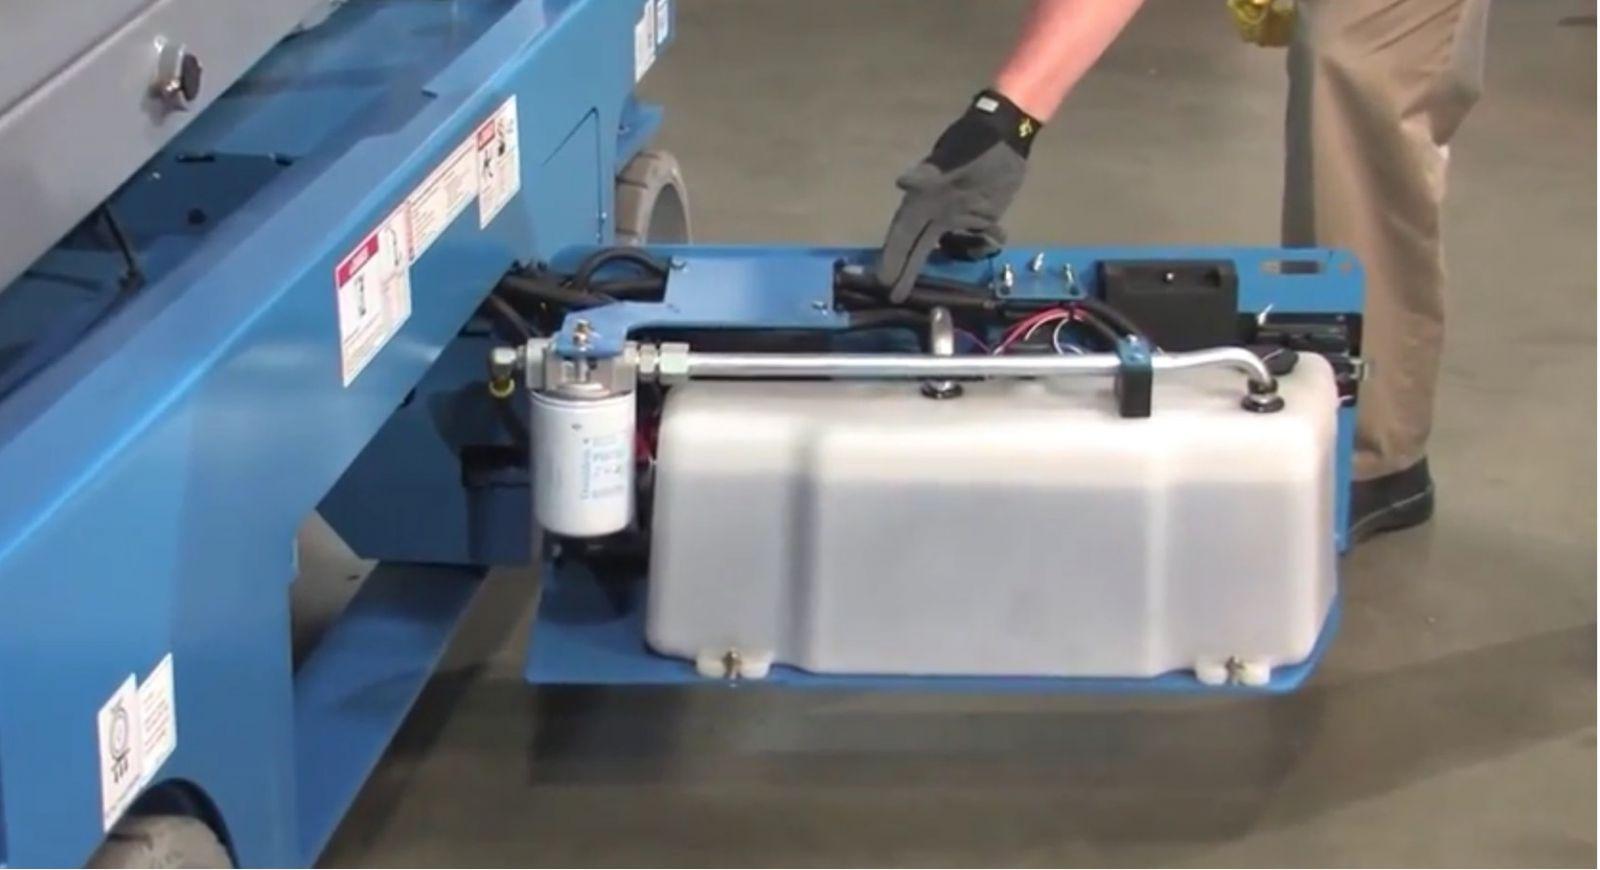 Kiểm tra mức dầu và hệ thống thủy lực của xe nâng người cắt kéo